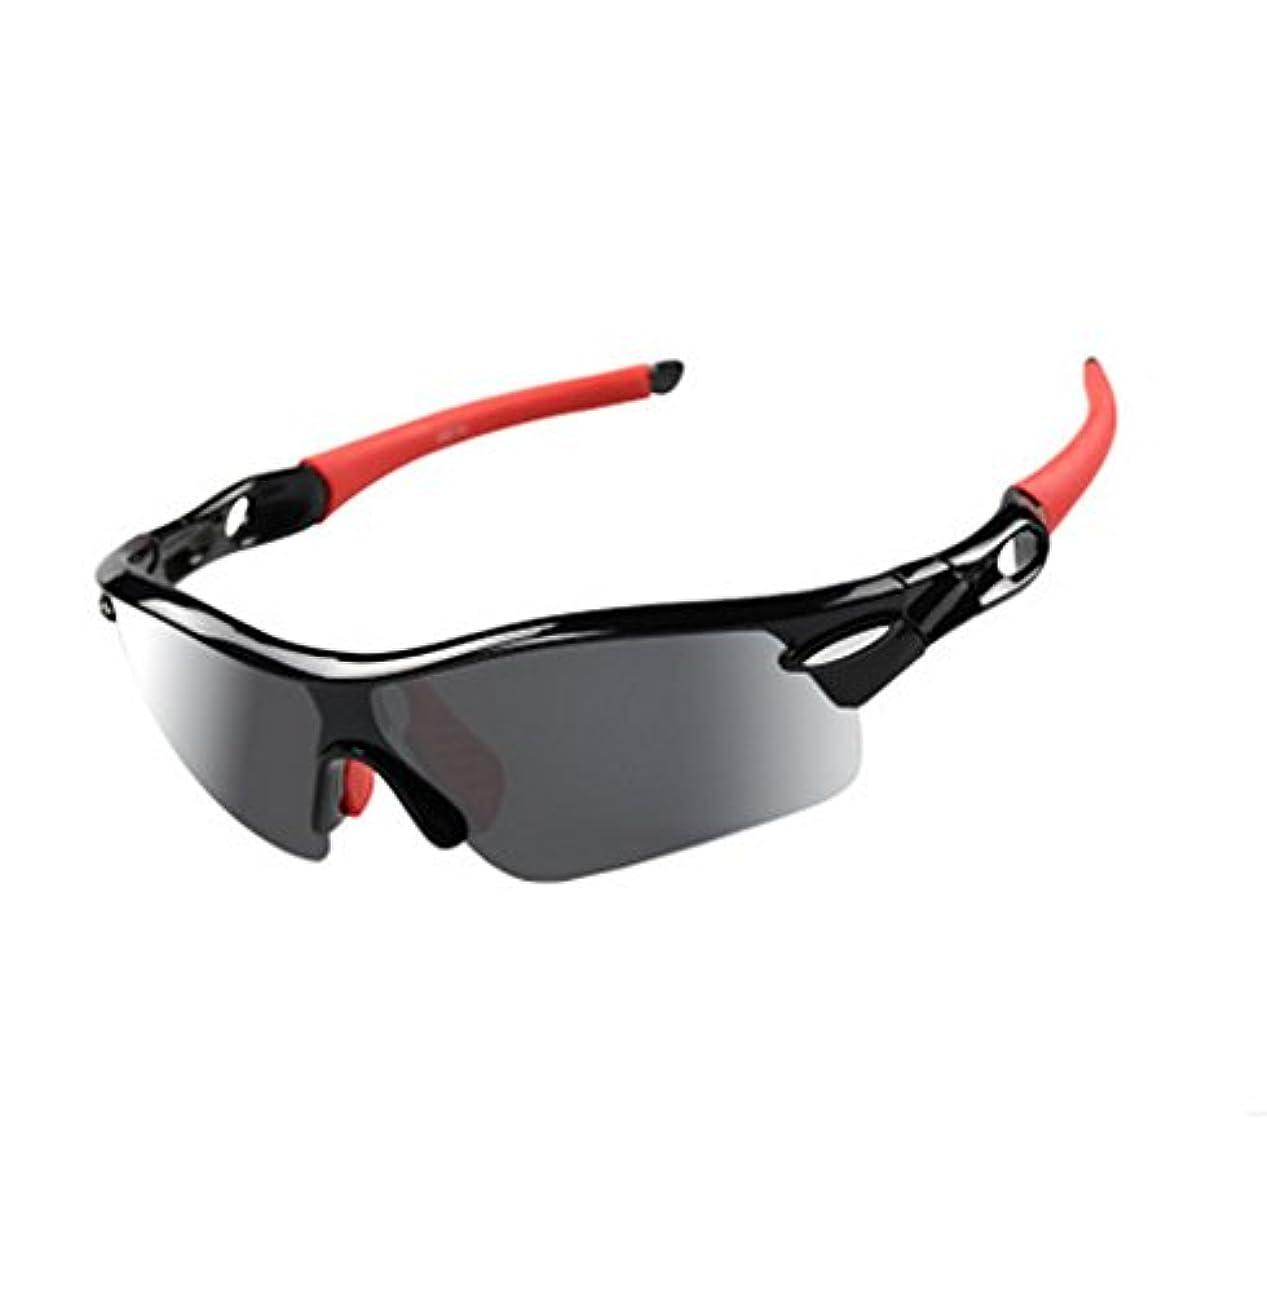 刻むラッドヤードキップリング民間Warm time(ウォームタイム)スポーツサングラス 偏光レンズ 交換レンズ5枚 インナーフレーム付き 着脱可能 スポーツ等に最適 UV400 紫外線99.9%カット サングラス